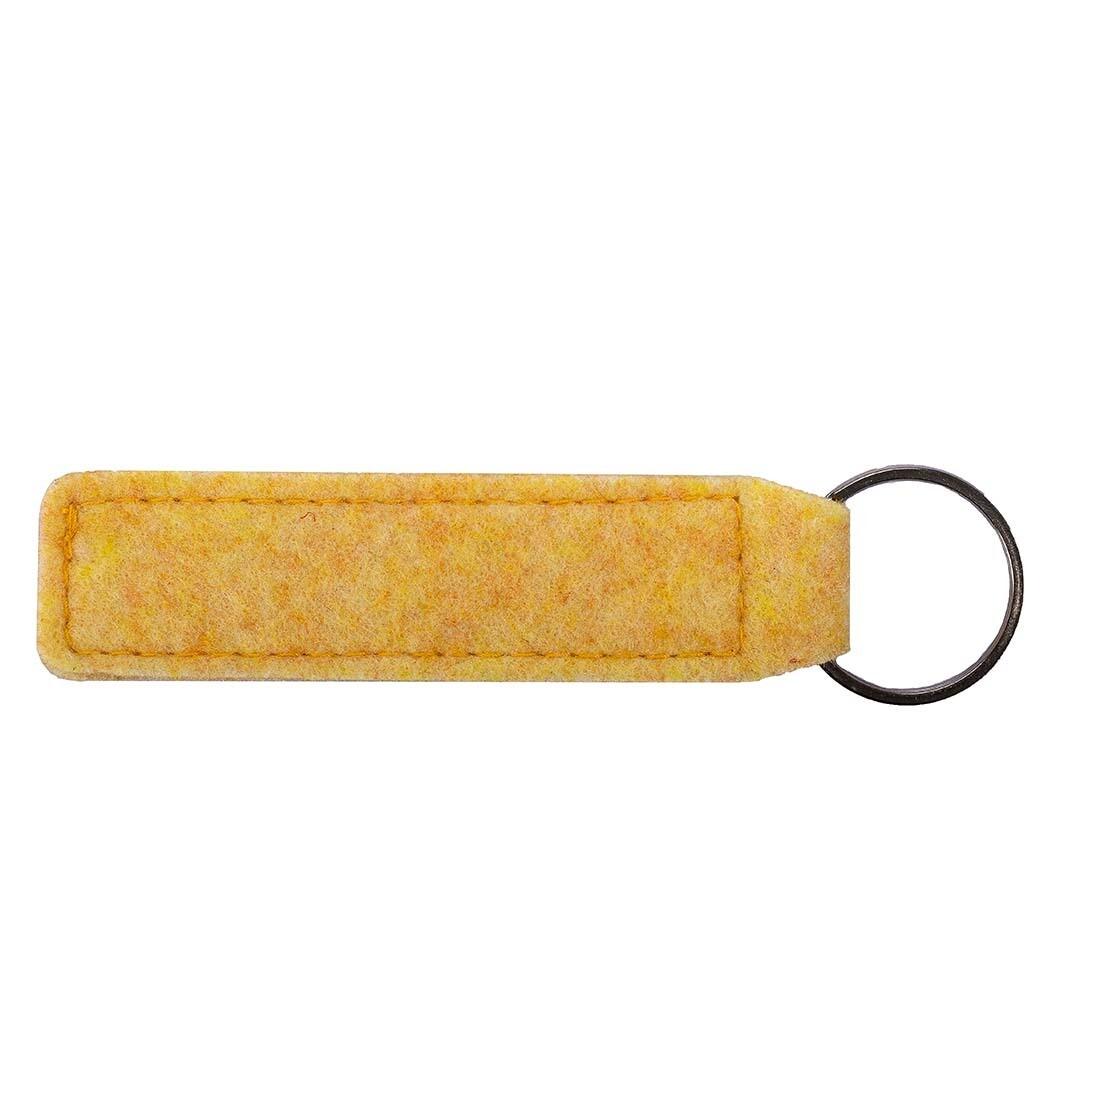 Schlüsselanhänger Hofmann aus PET-Filz